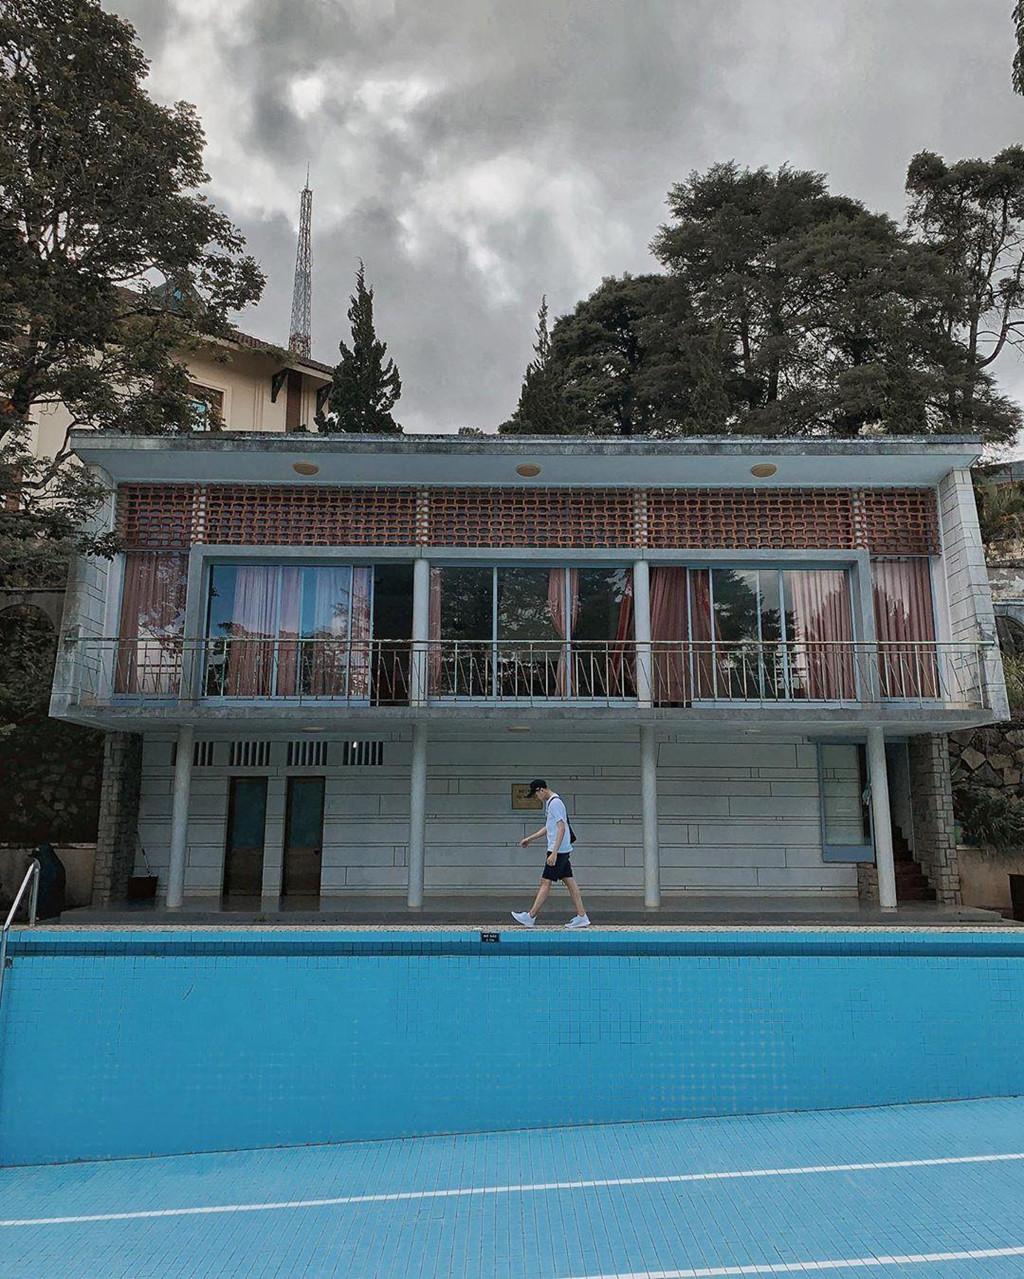 Bể bơi không nước - góc check-in mới hút giới trẻ đến Đà Lạt - Hình 5